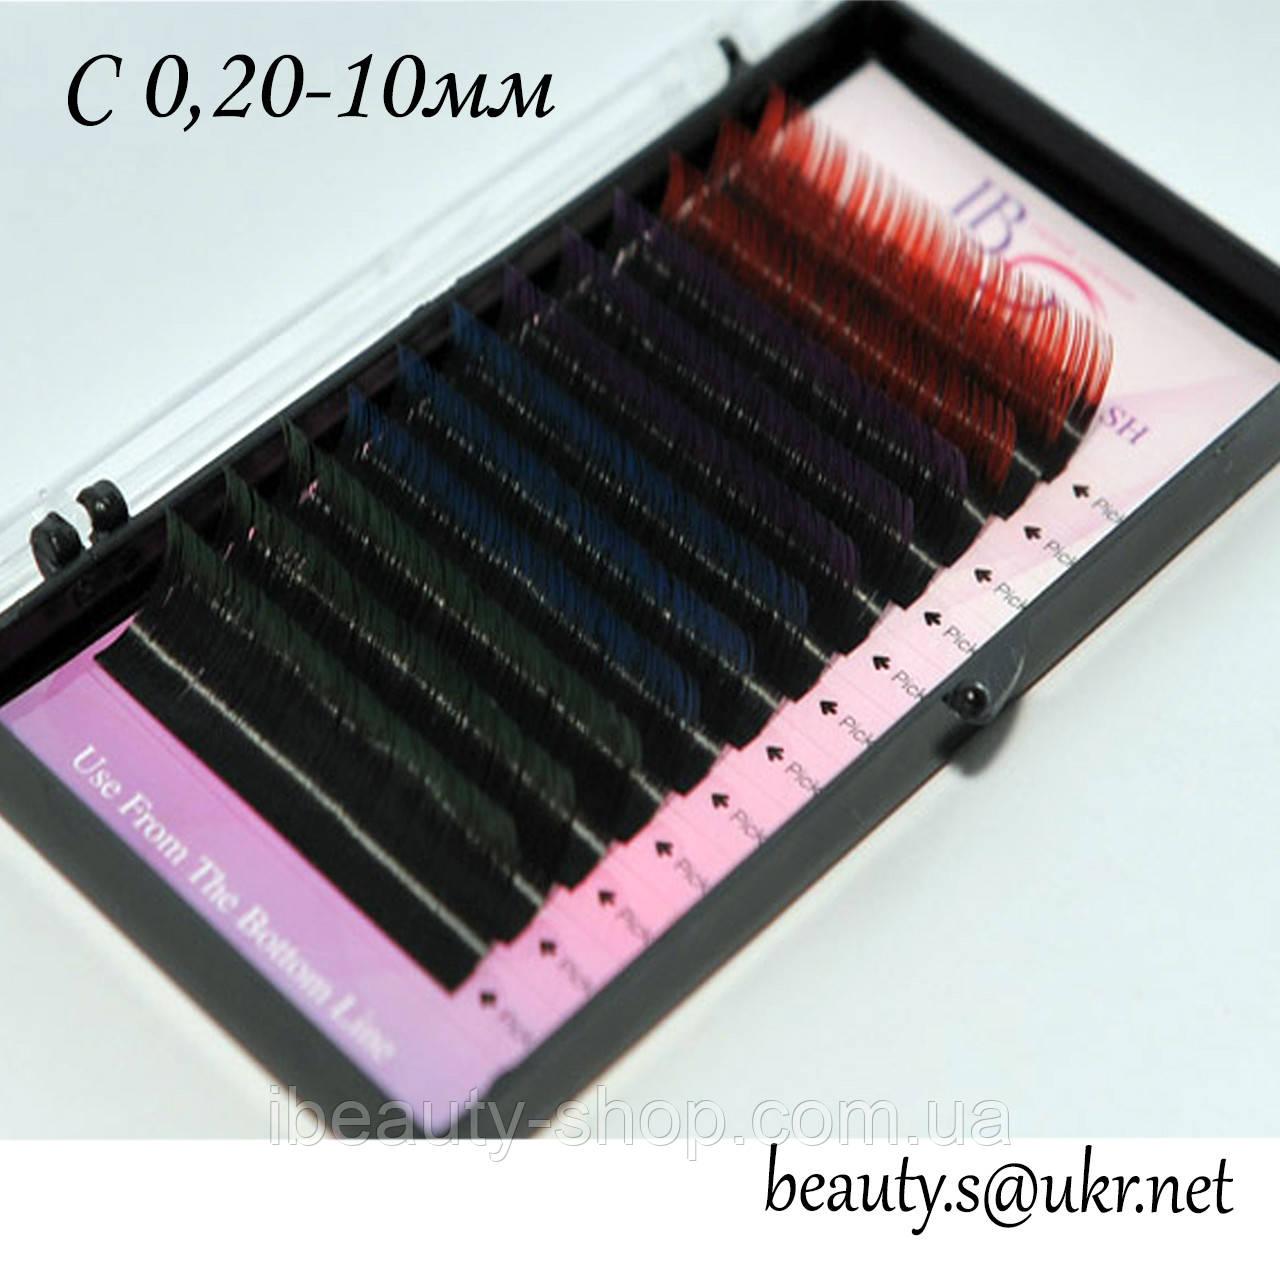 Ресницы I-Beauty, С 0,20-10мм,цветные концы,4 цвета